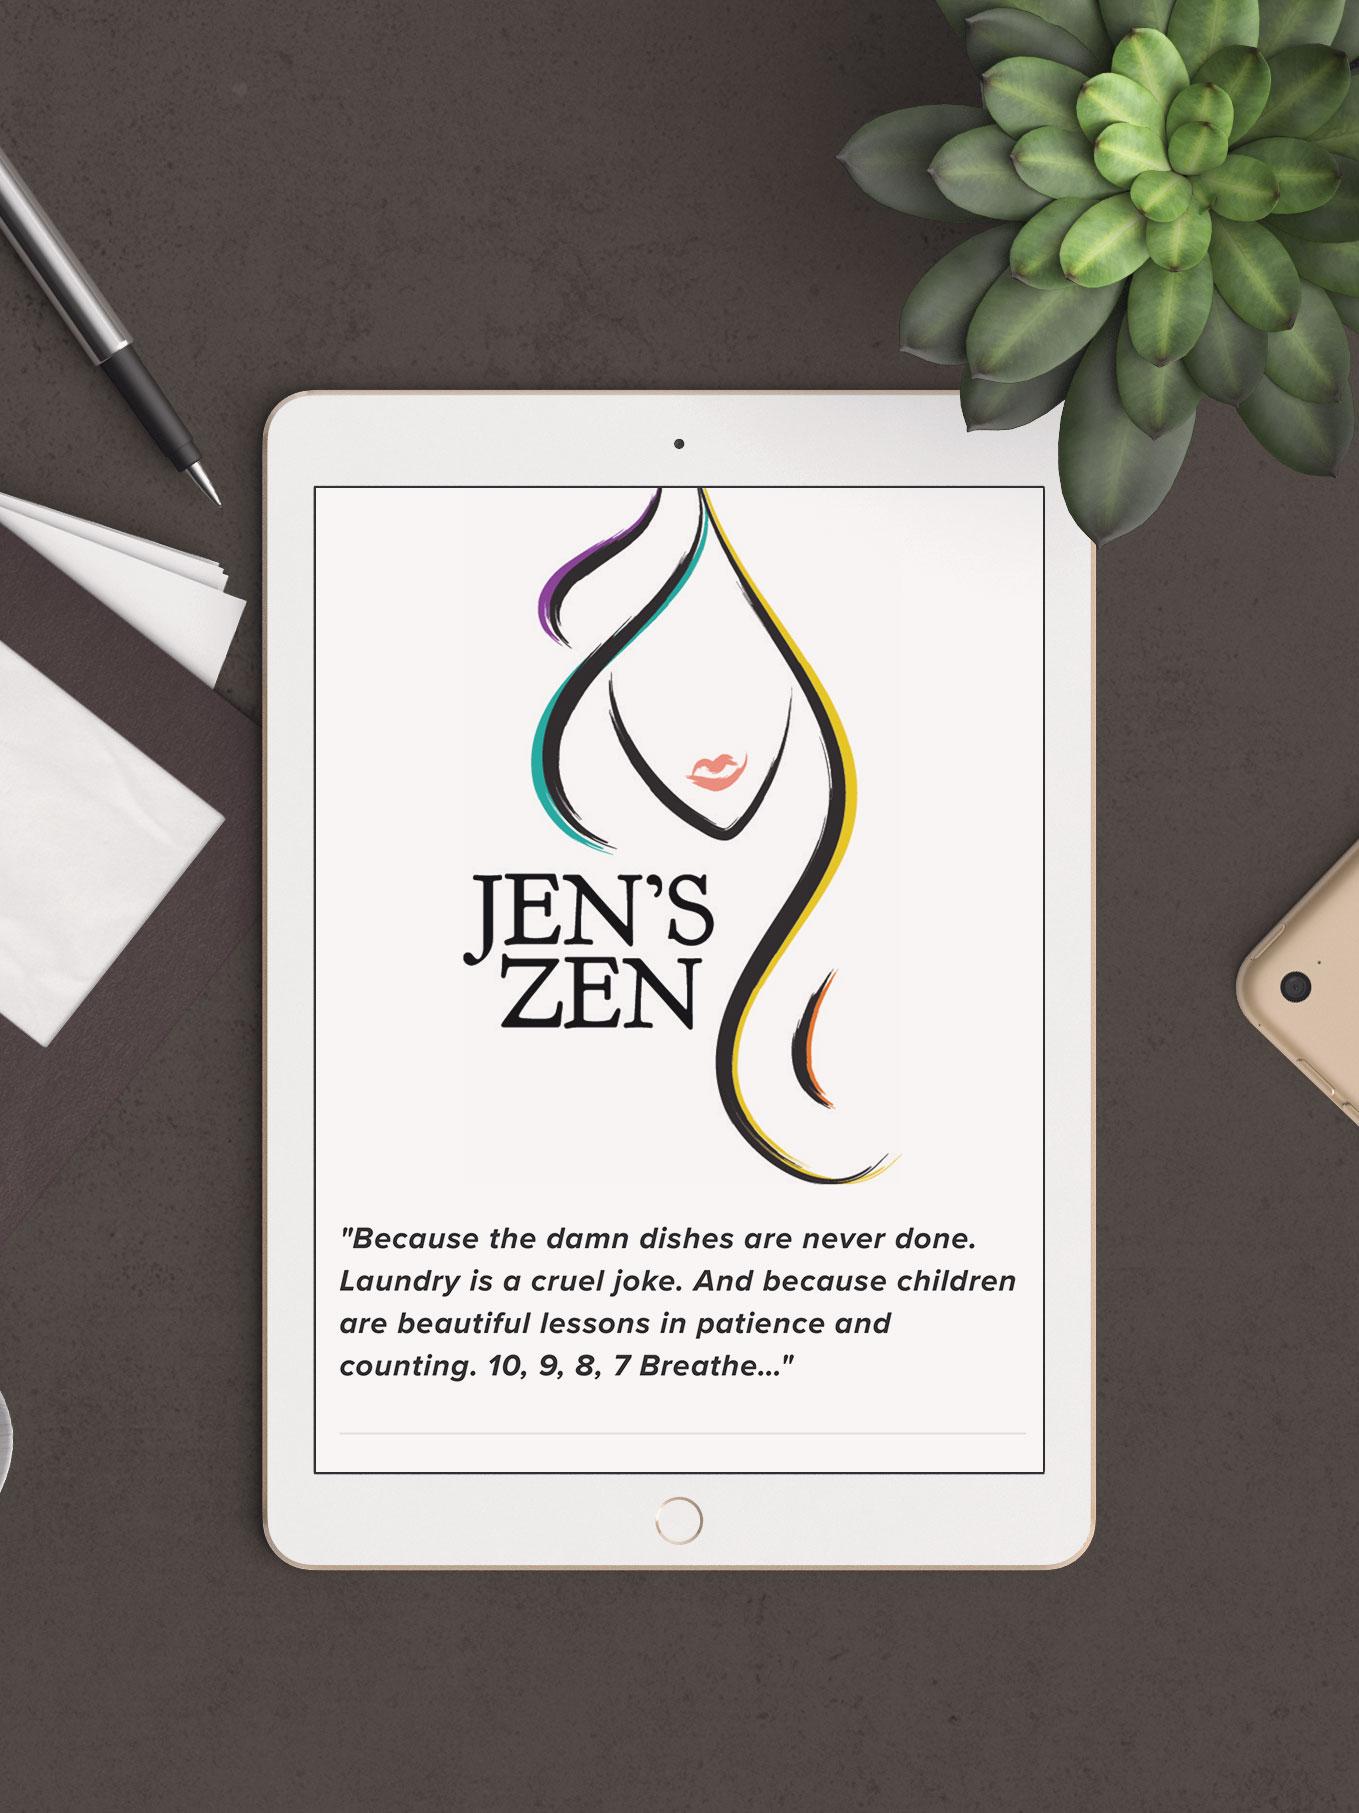 JEN'S ZEN